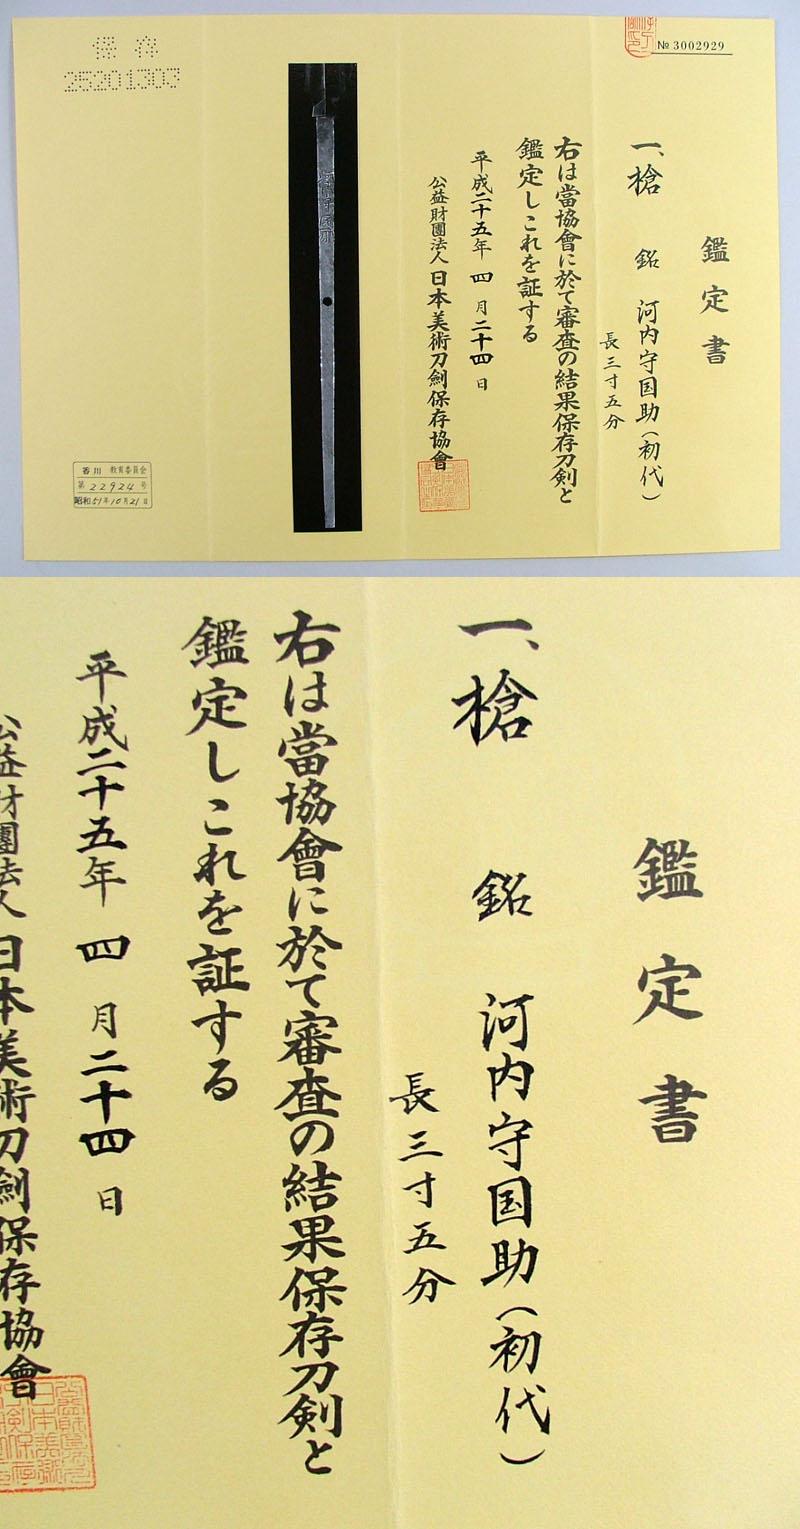 河内守国助(初代) Picture of Certificate